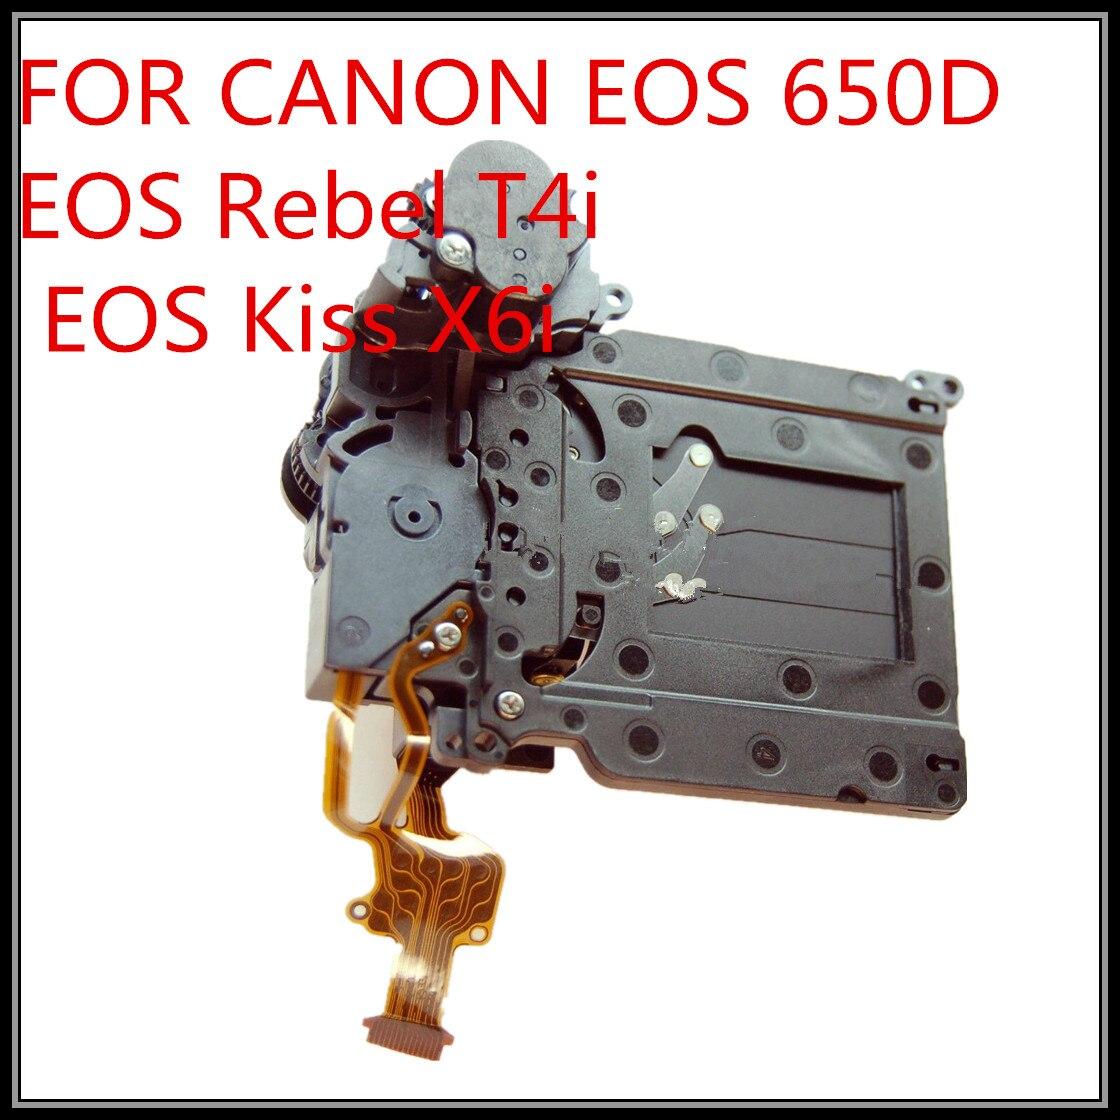 Groupe d'assemblage d'obturateur d'origine pour Canon EOS 650D/rebelle T4i/Kiss X6i pièce de réparation d'appareil photo numérique